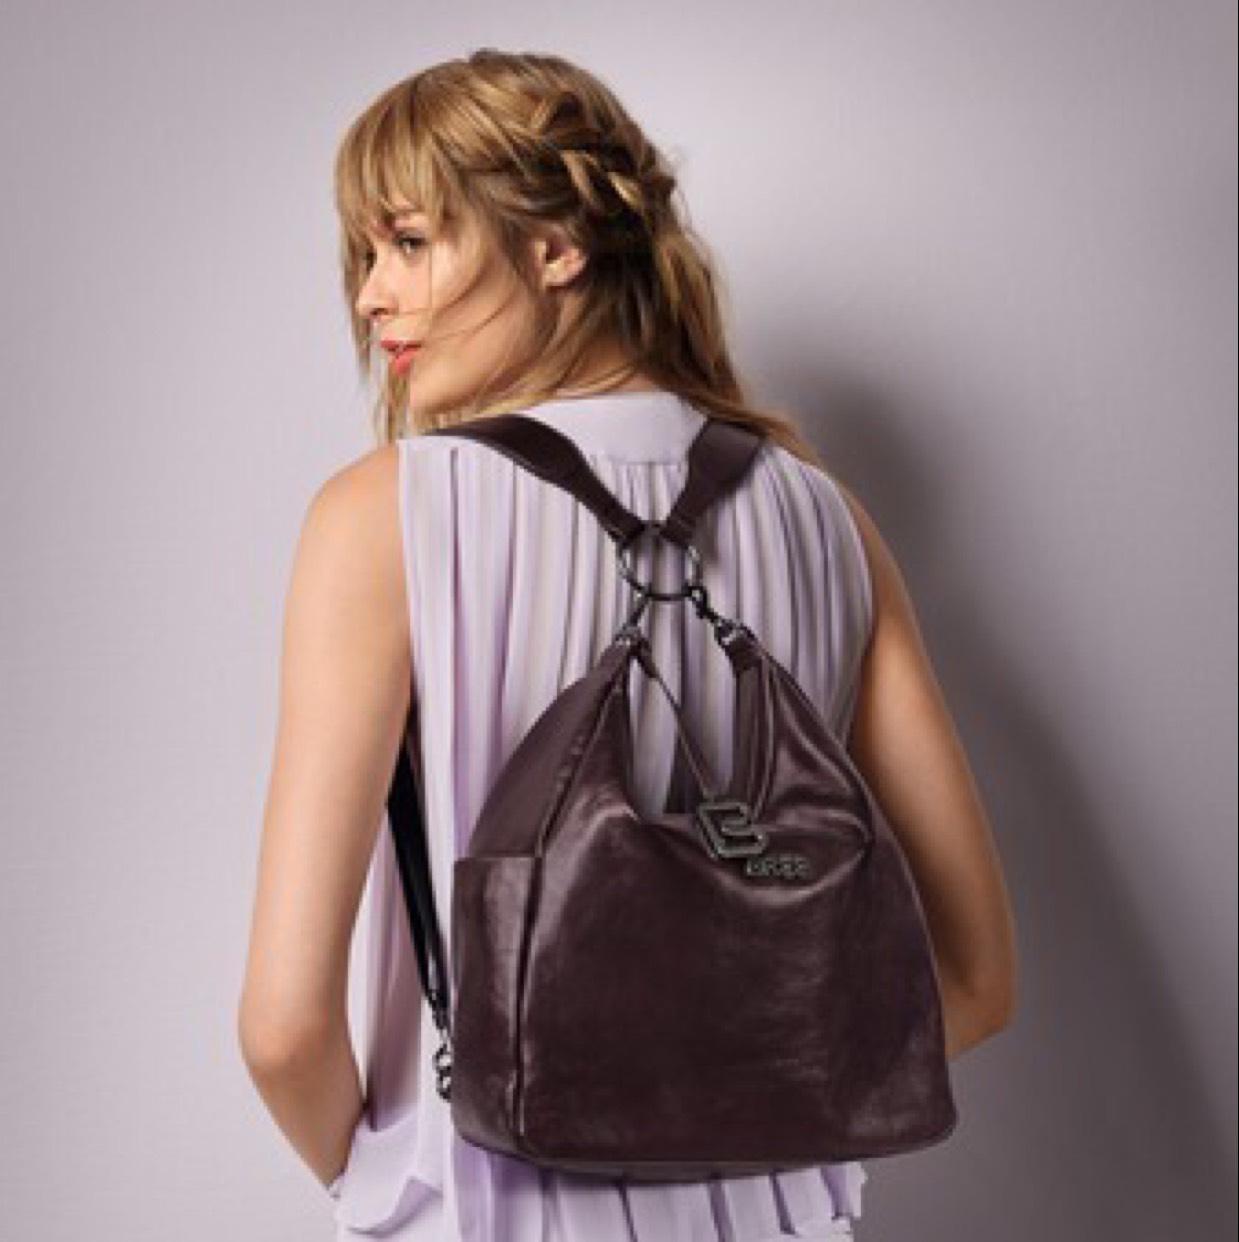 BREE Damen Nola 6 Rucksackhandtasche 120€ Preisvergleich 240€